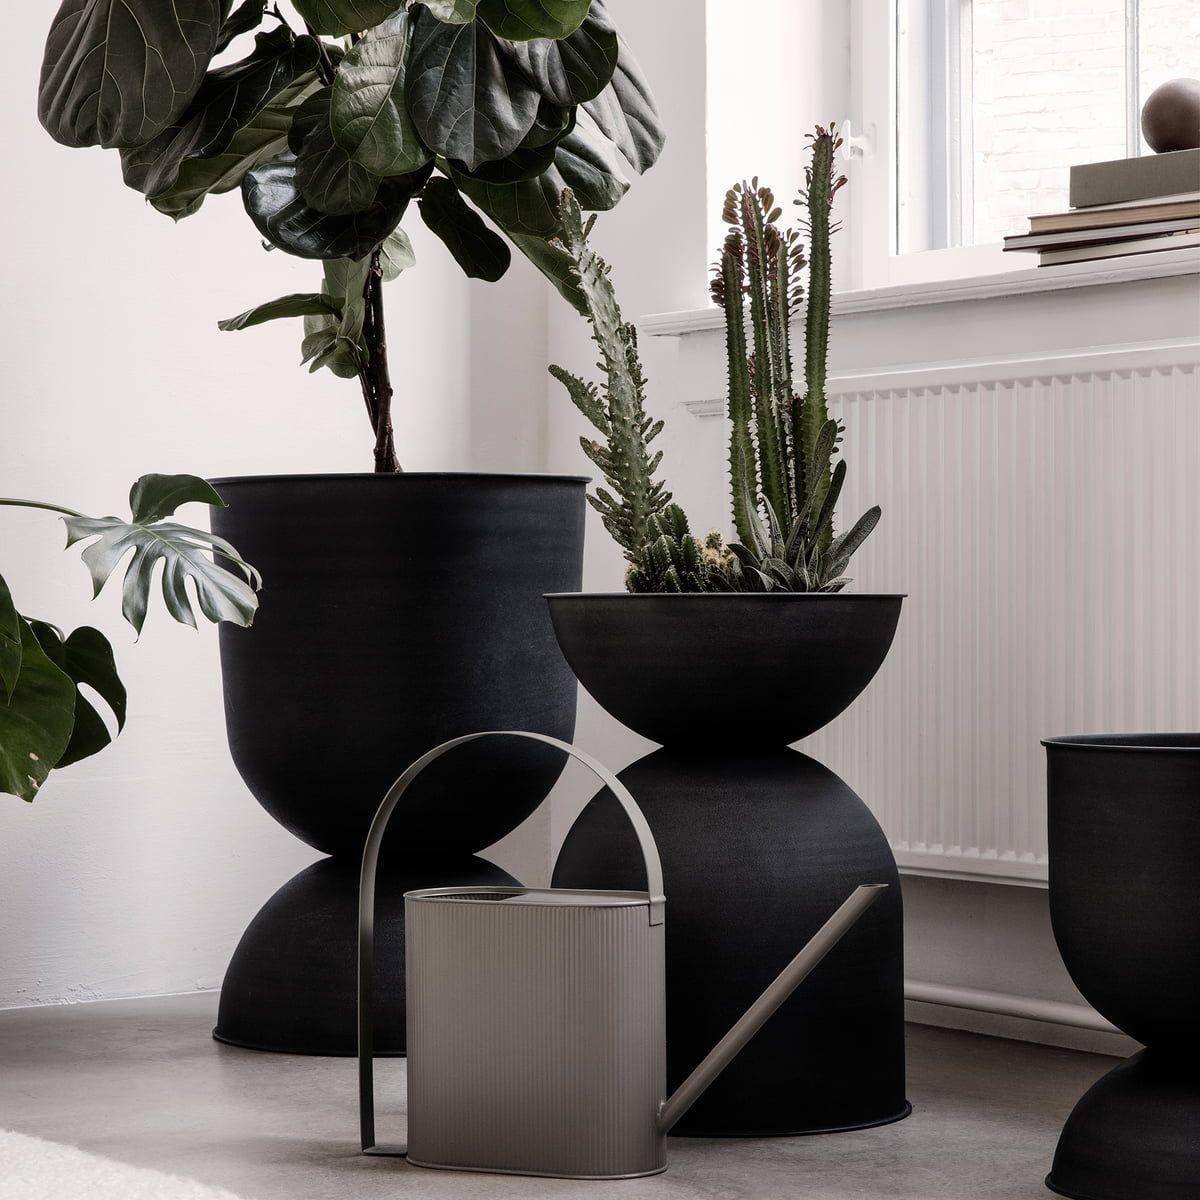 ferm living - Hourglass flowerpot | Connox